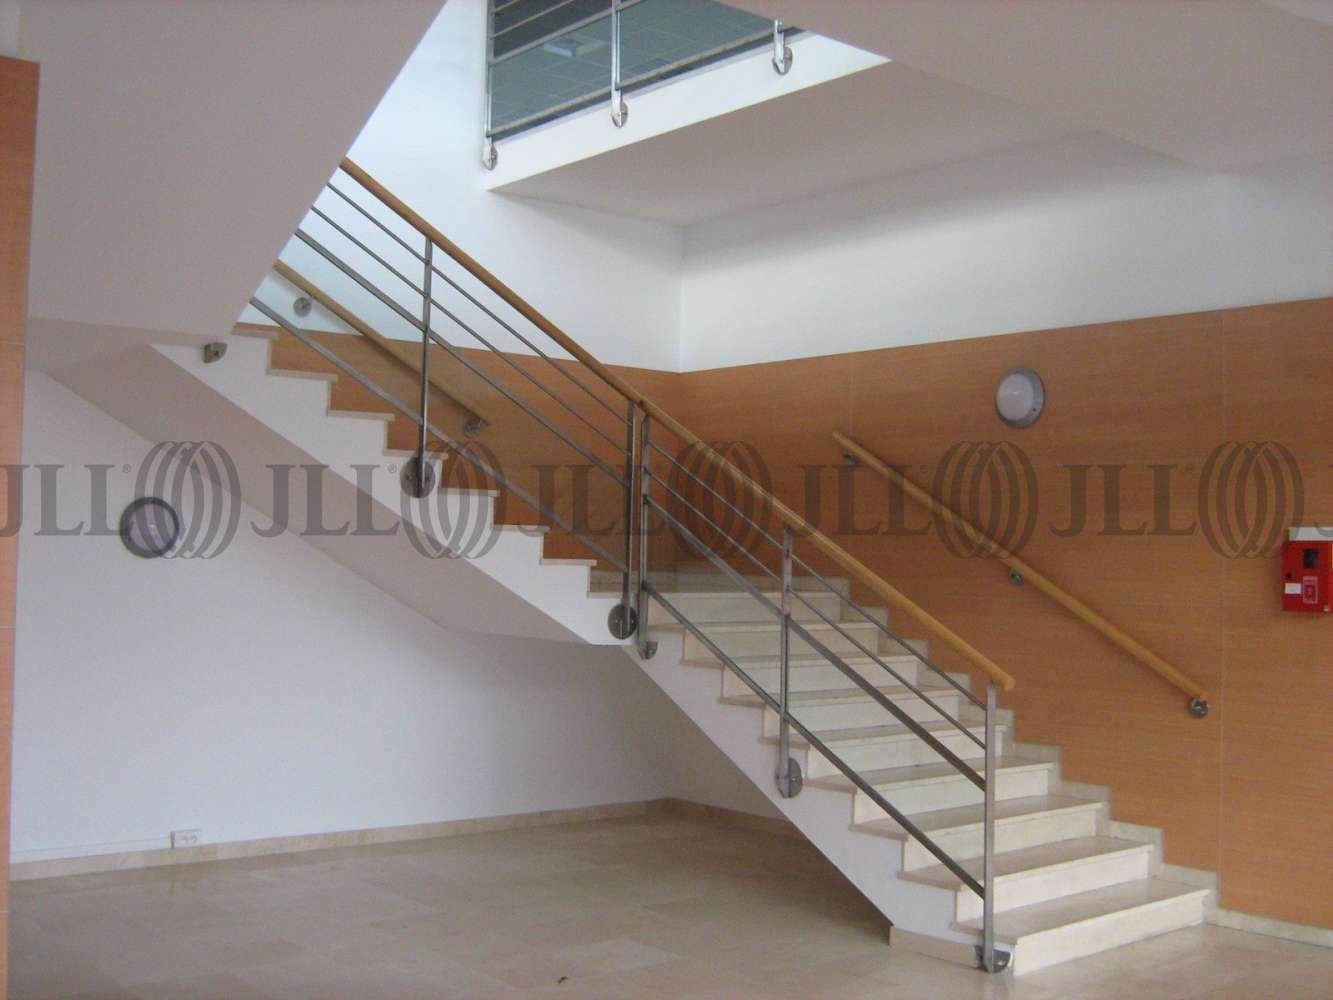 Activités/entrepôt Roissy en france, 95700 - PARC DES NATIONS - 9444937